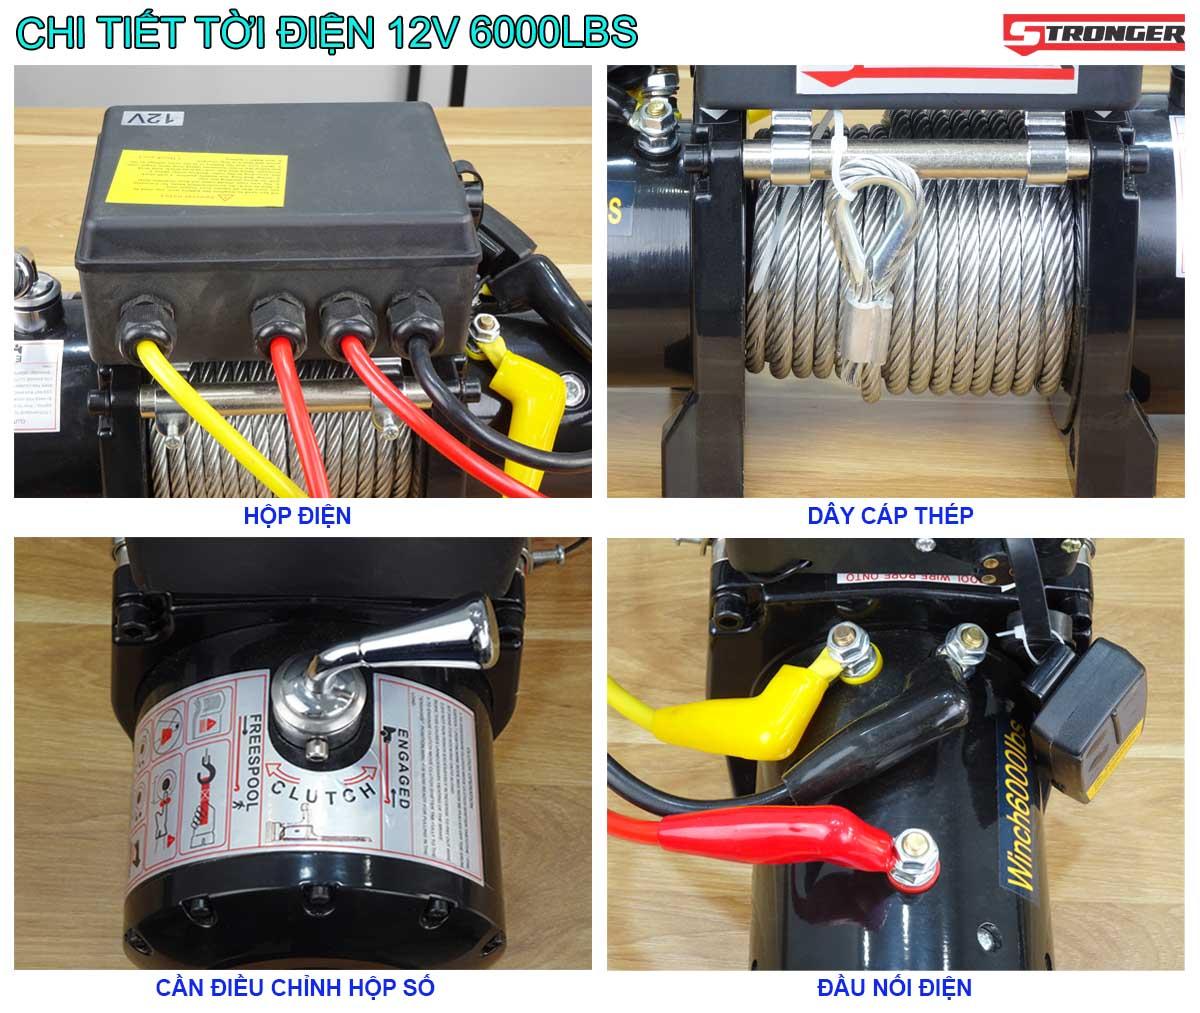 Chi tiết tời điện 12V 6000Lbs Stronger